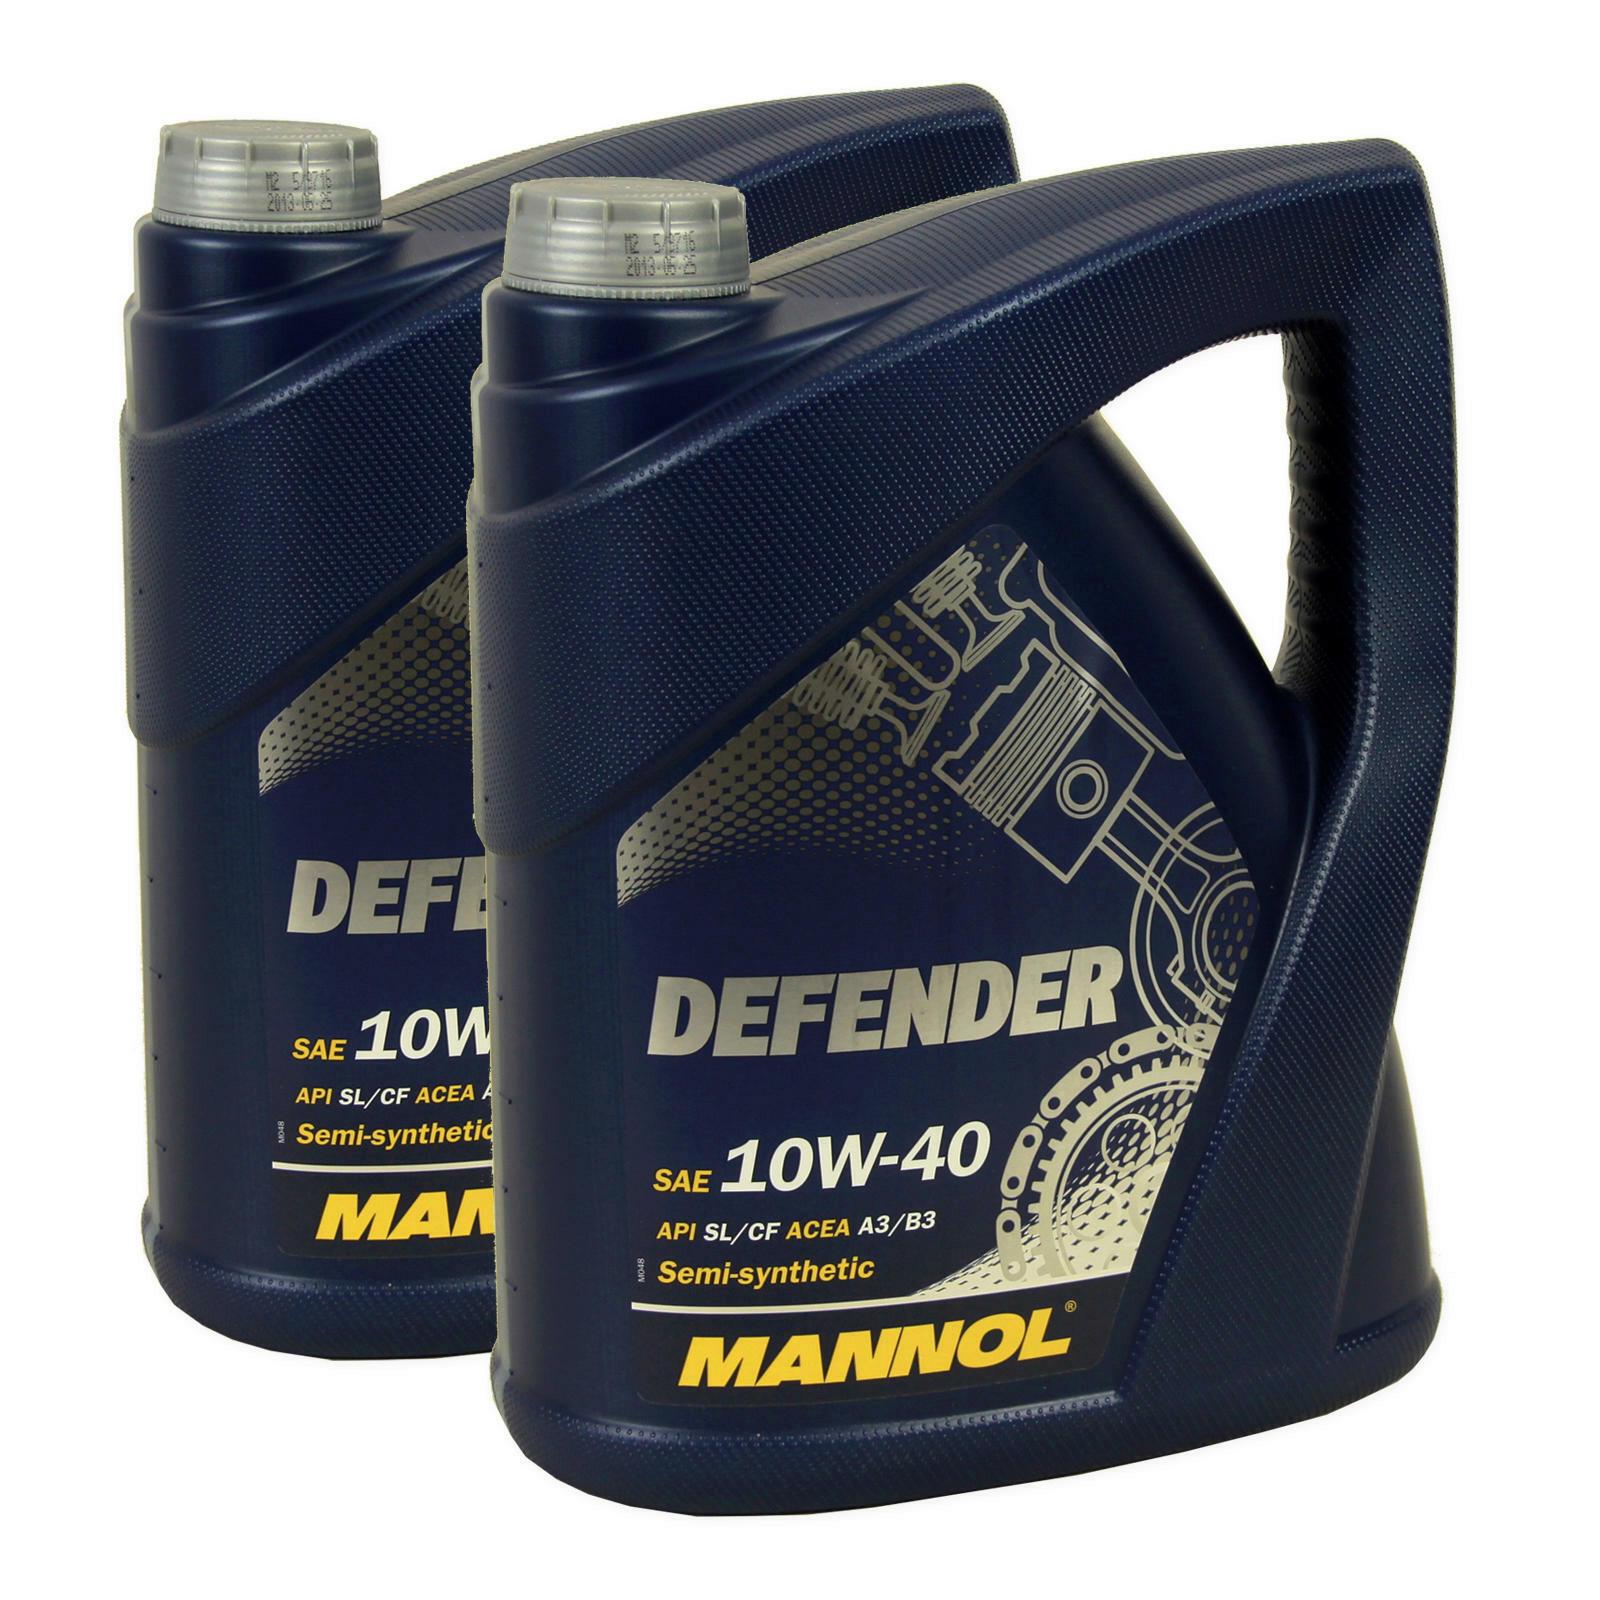 2x Defender 10W40 5L MOTORENÖL MANNOL 319010 MN7507-5